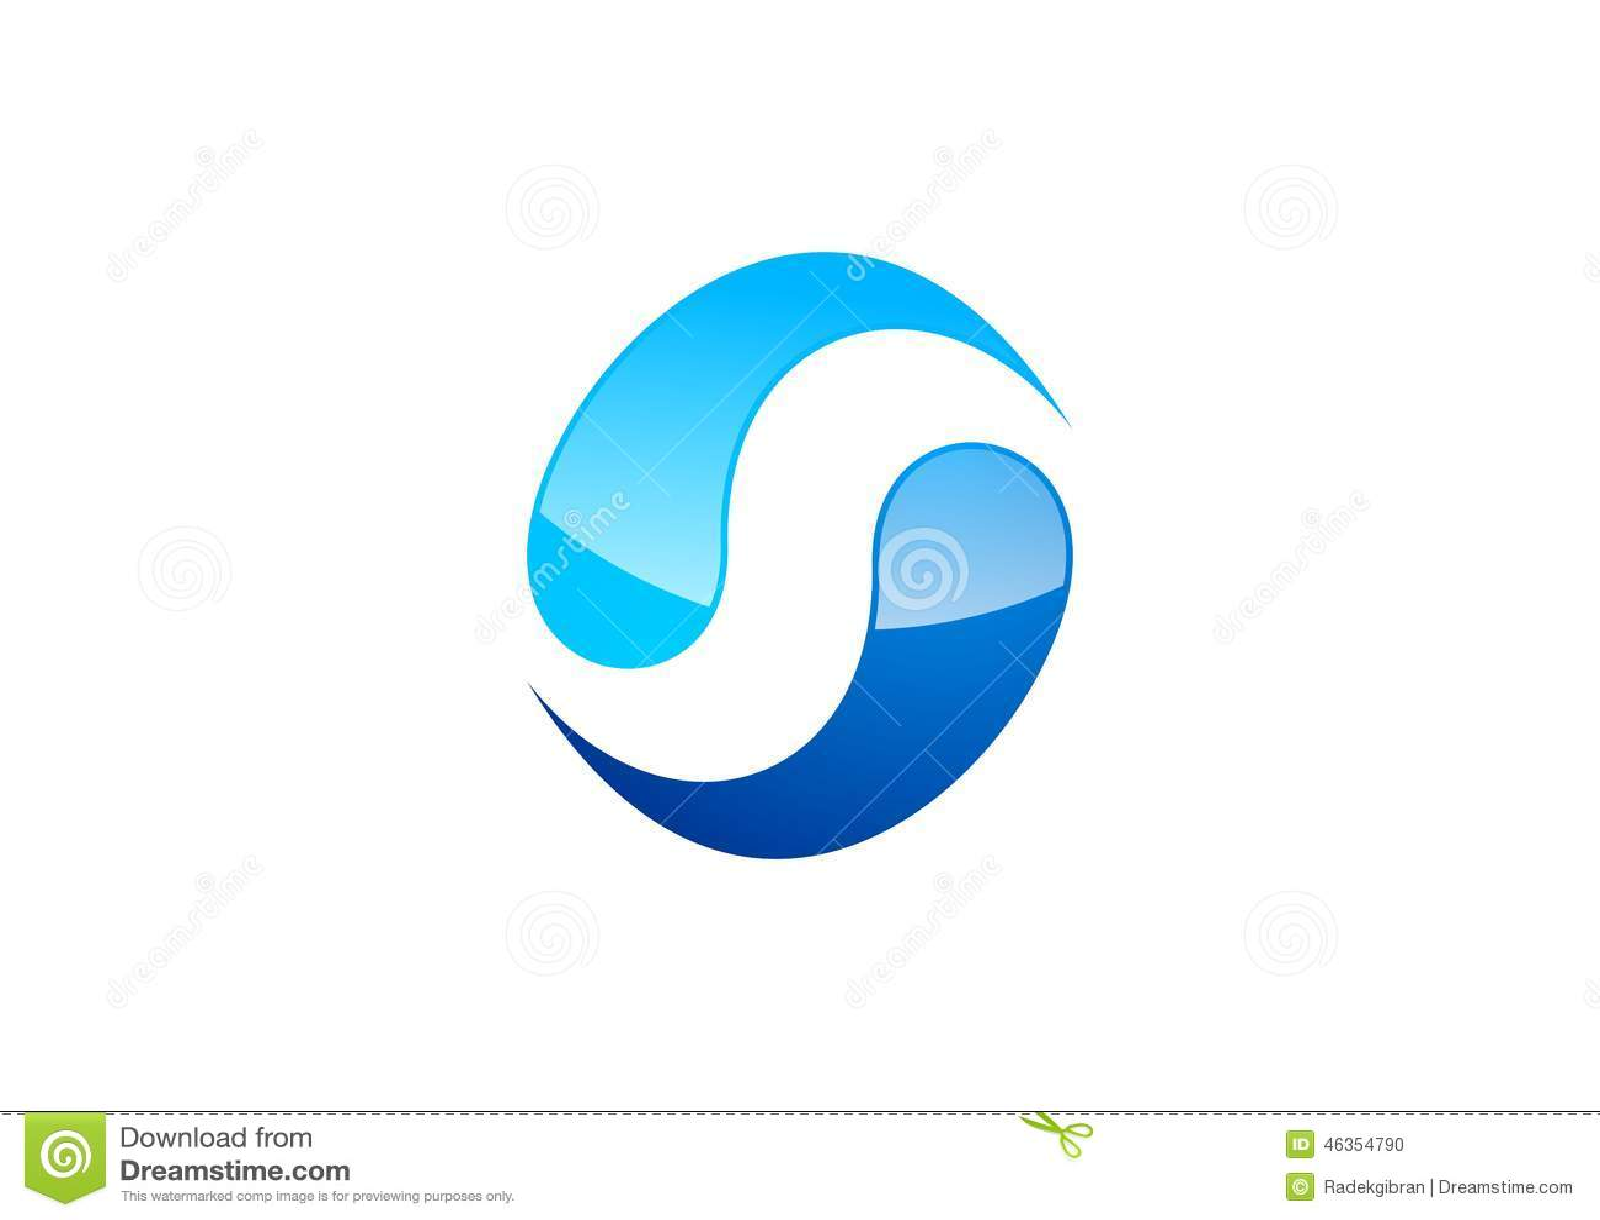 Cirkel vatten, logo, vind, sfär, abstrakt begrepp, bokstav S, företag, korporation